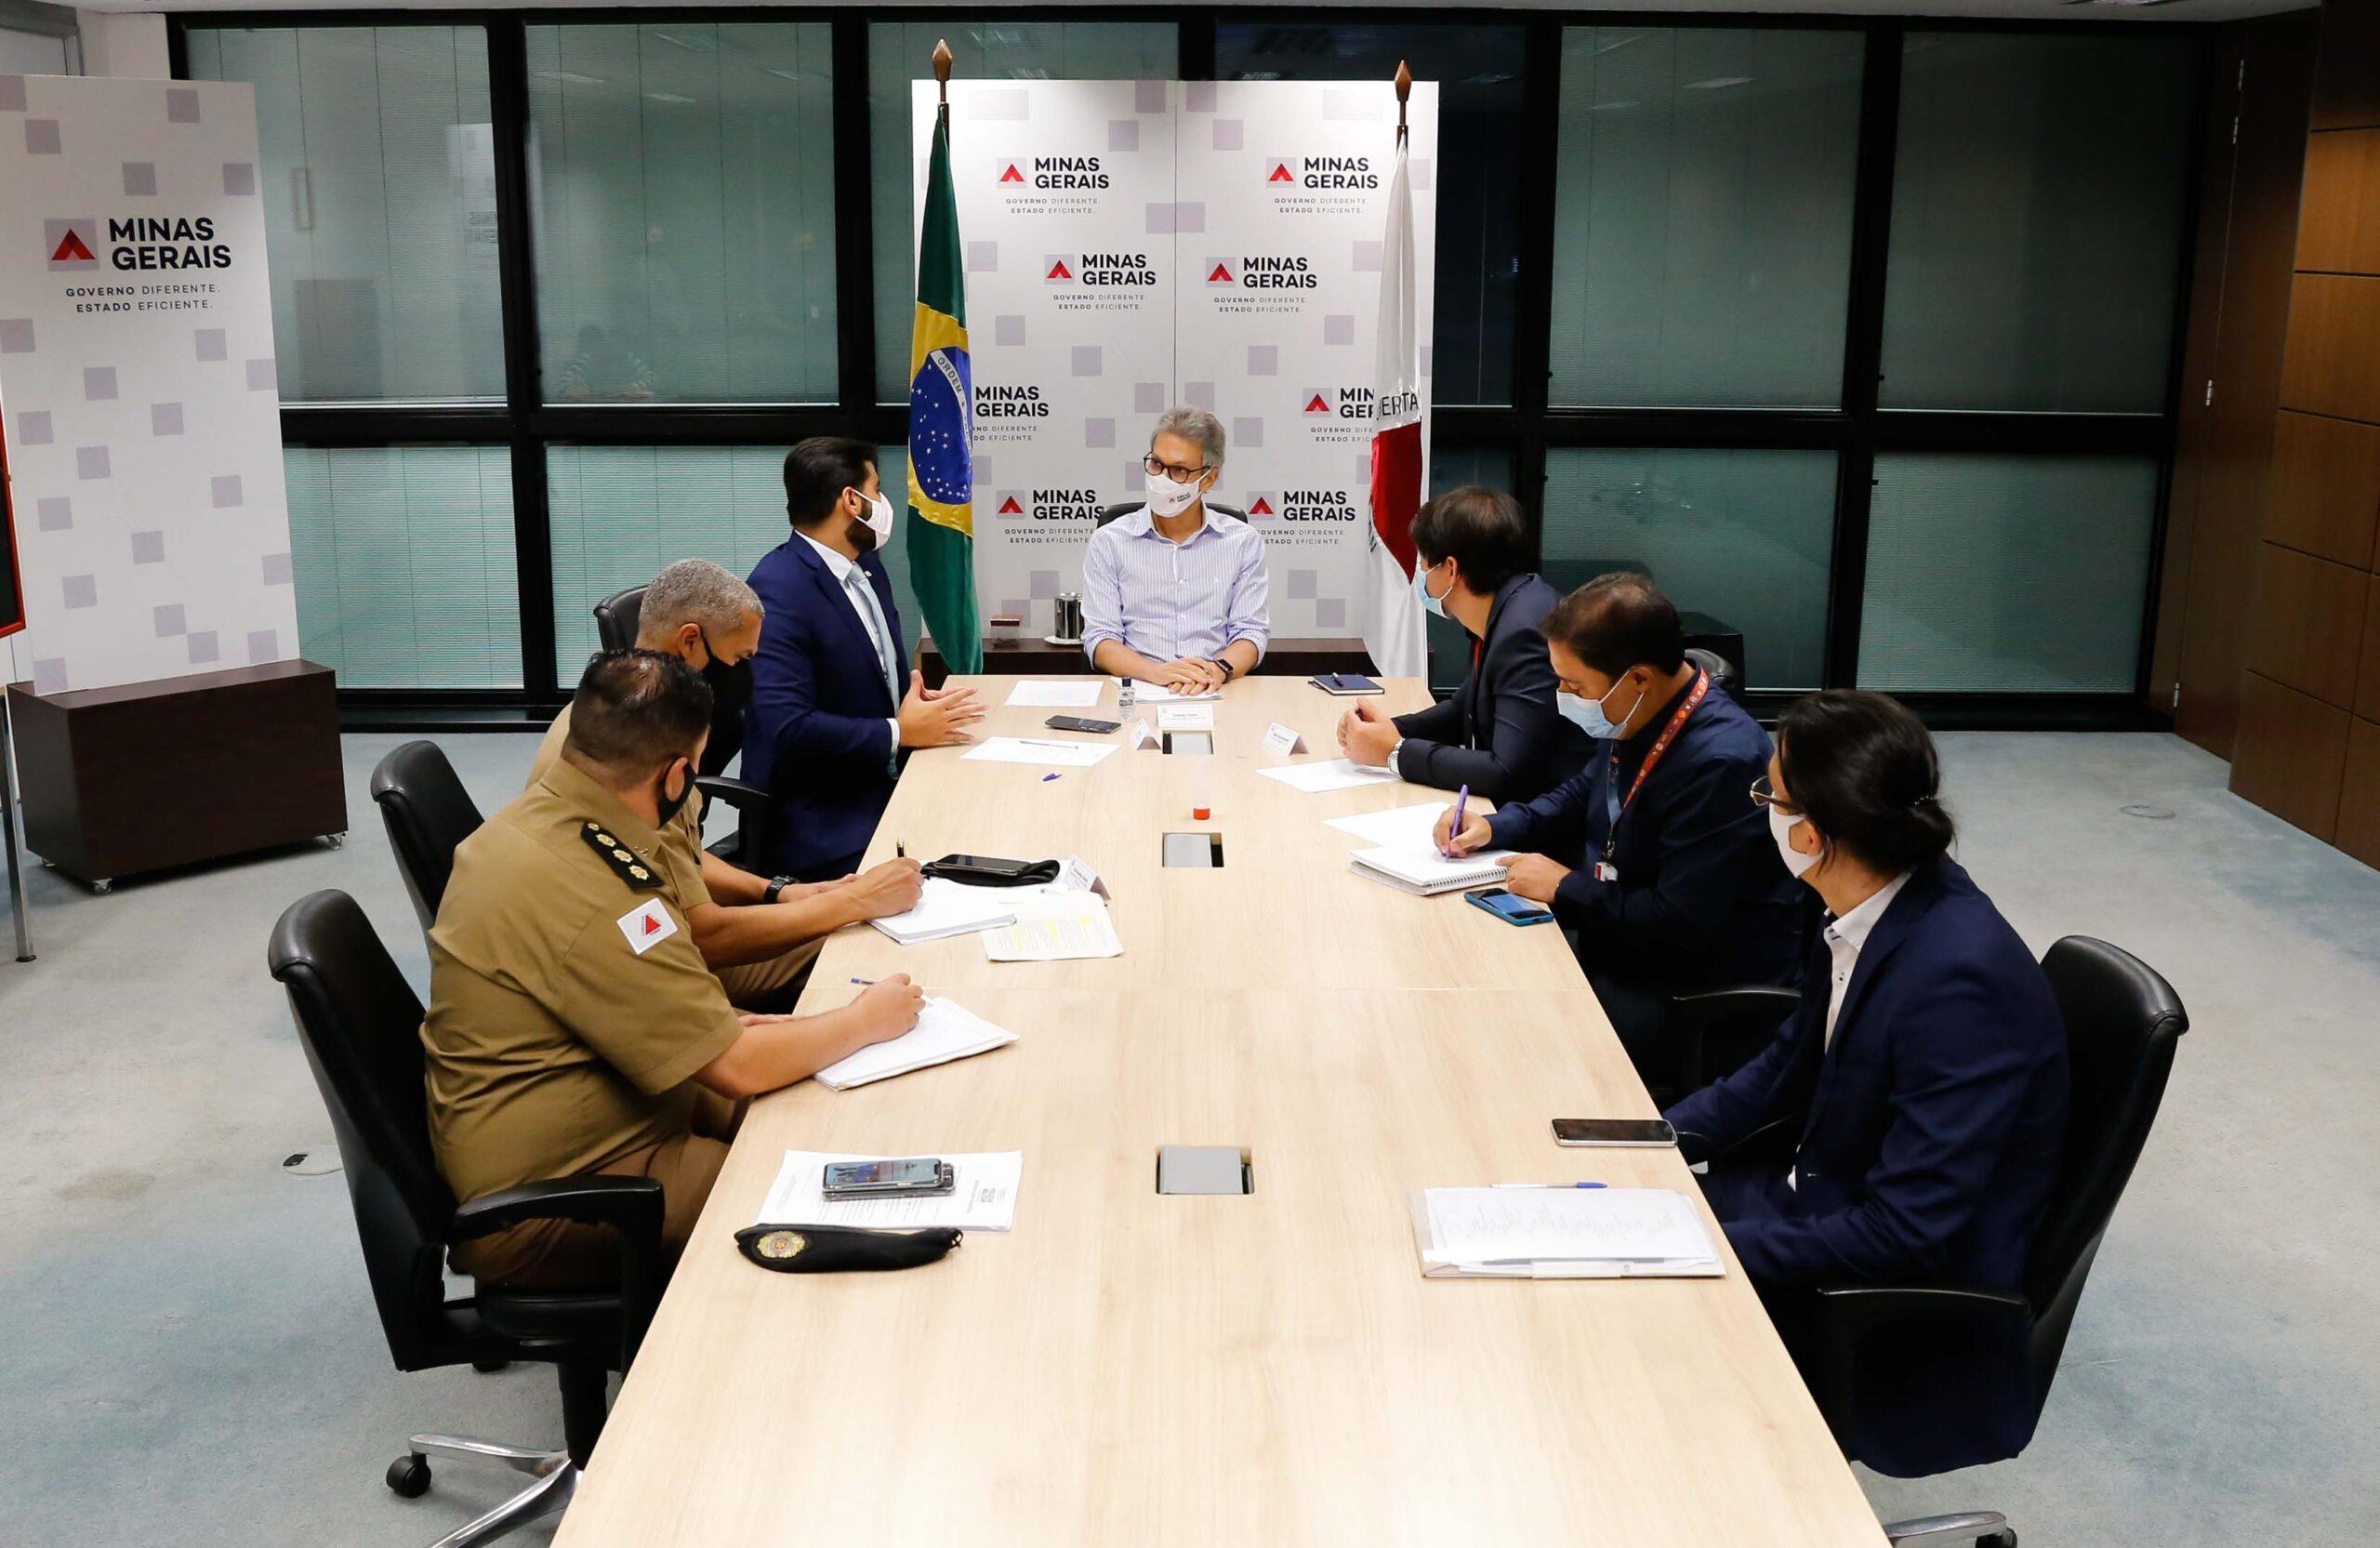 Governador Romeu Zema anuncia onda roxa em todo o estado a partir desta quarta-feira - Foto: Gil Leonardi/Imprensa MG